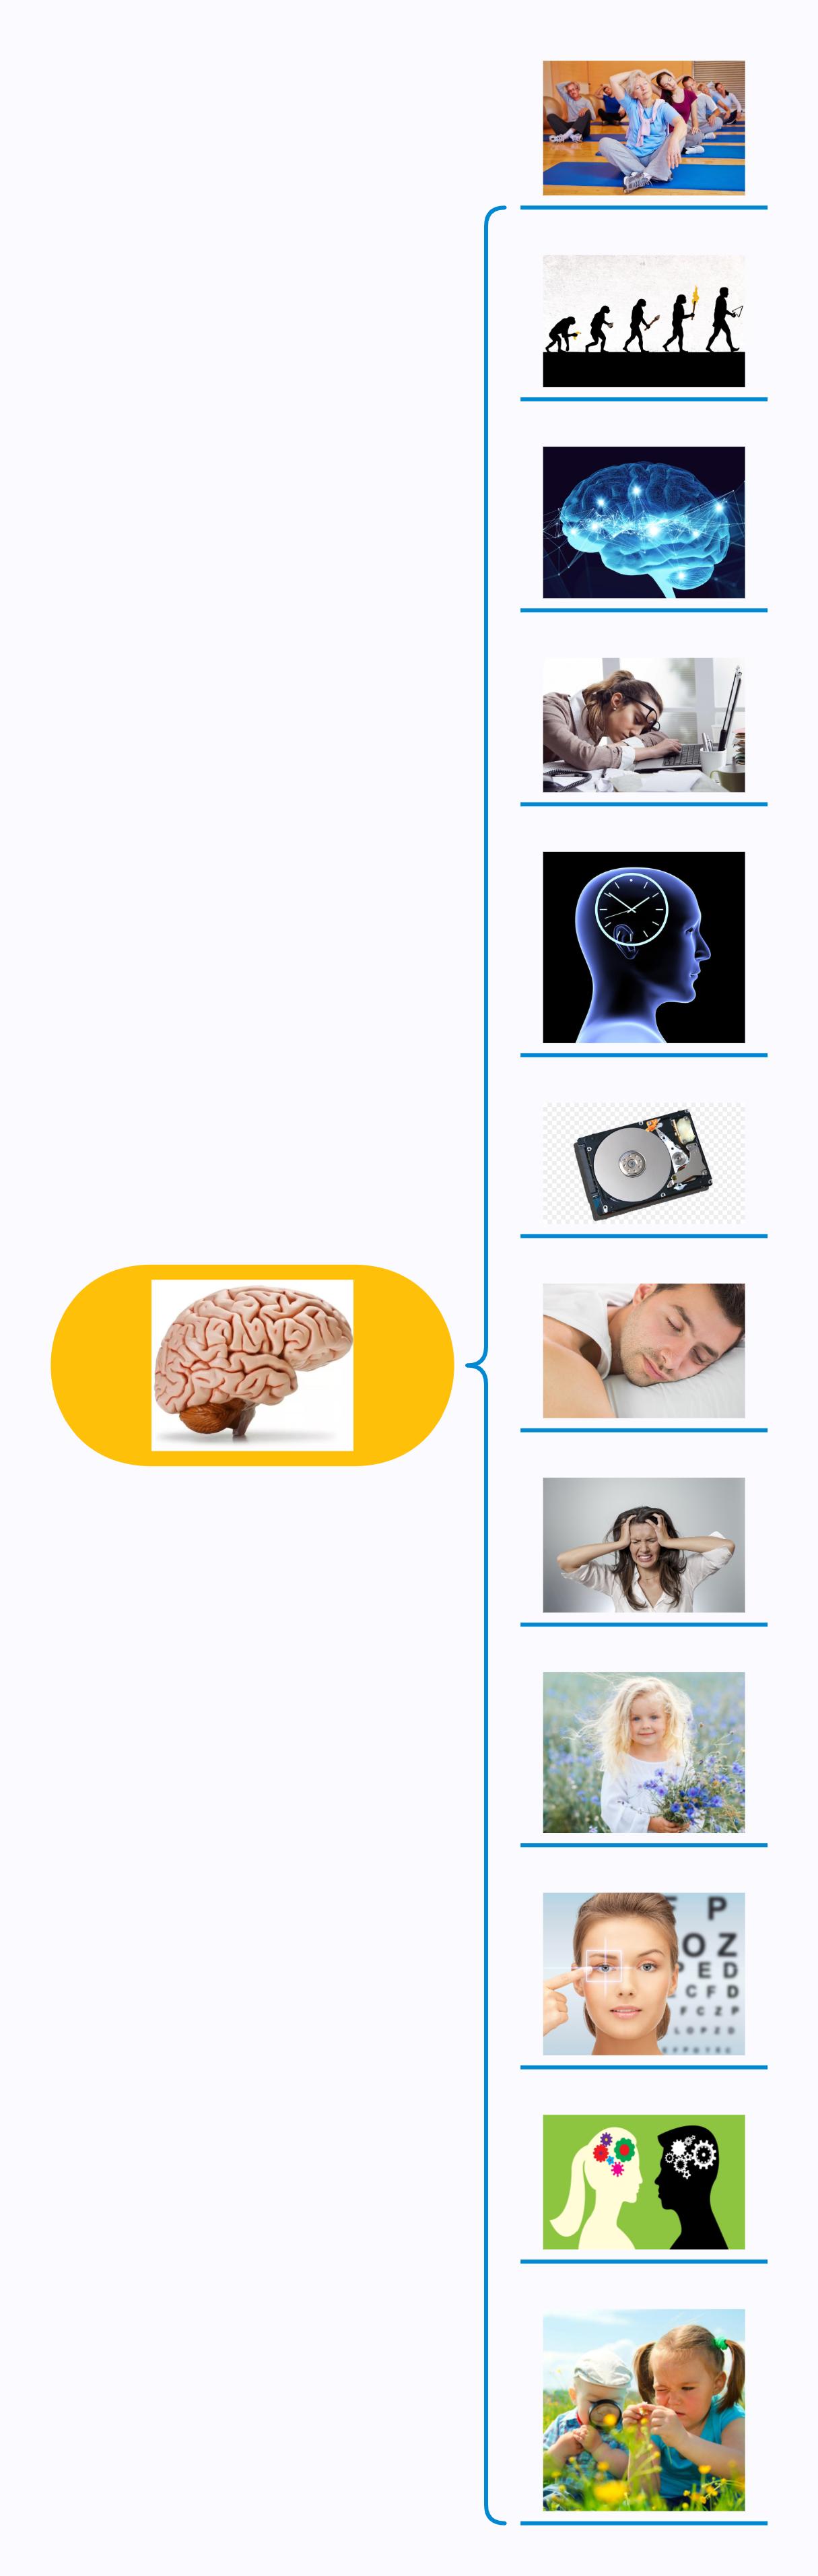 Правила мозга_рисунки